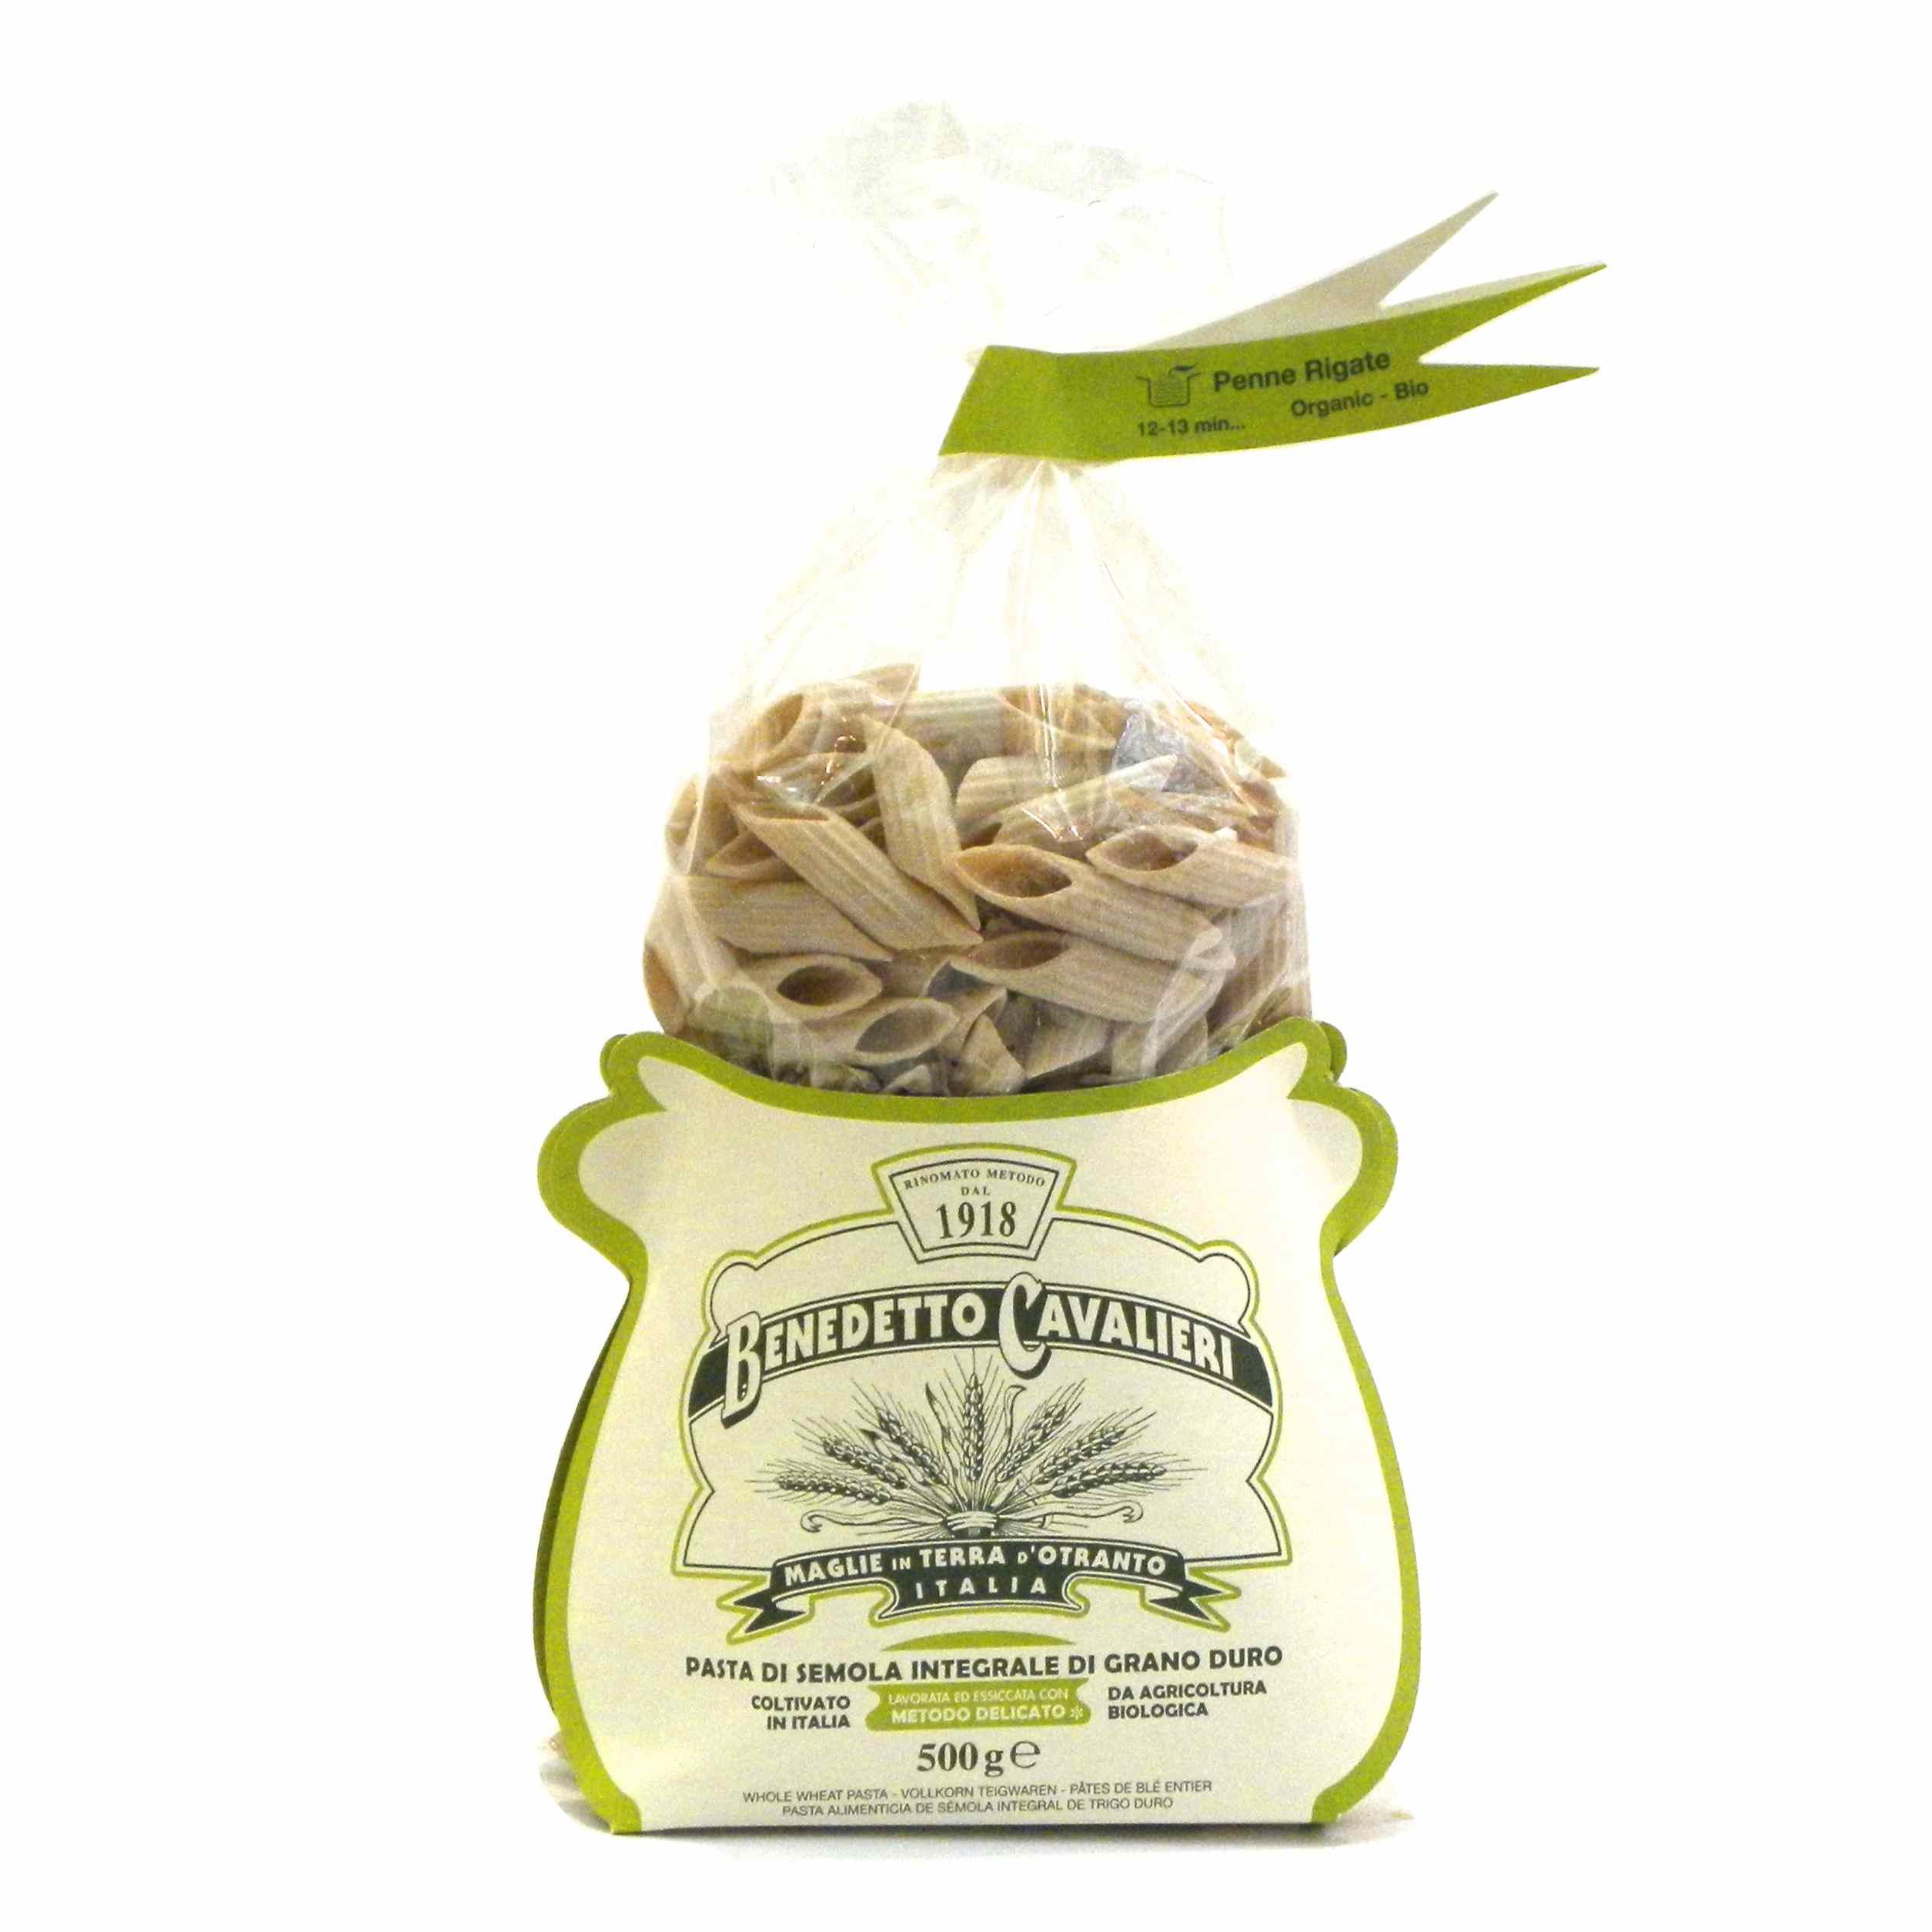 Benedetto Cavalieri Pasta Penne rigate Bio Integrali – Benedetto Cavalieri Organic Whole wheat pasta Penne Rigate – Gustorotondo – Italian food boutique